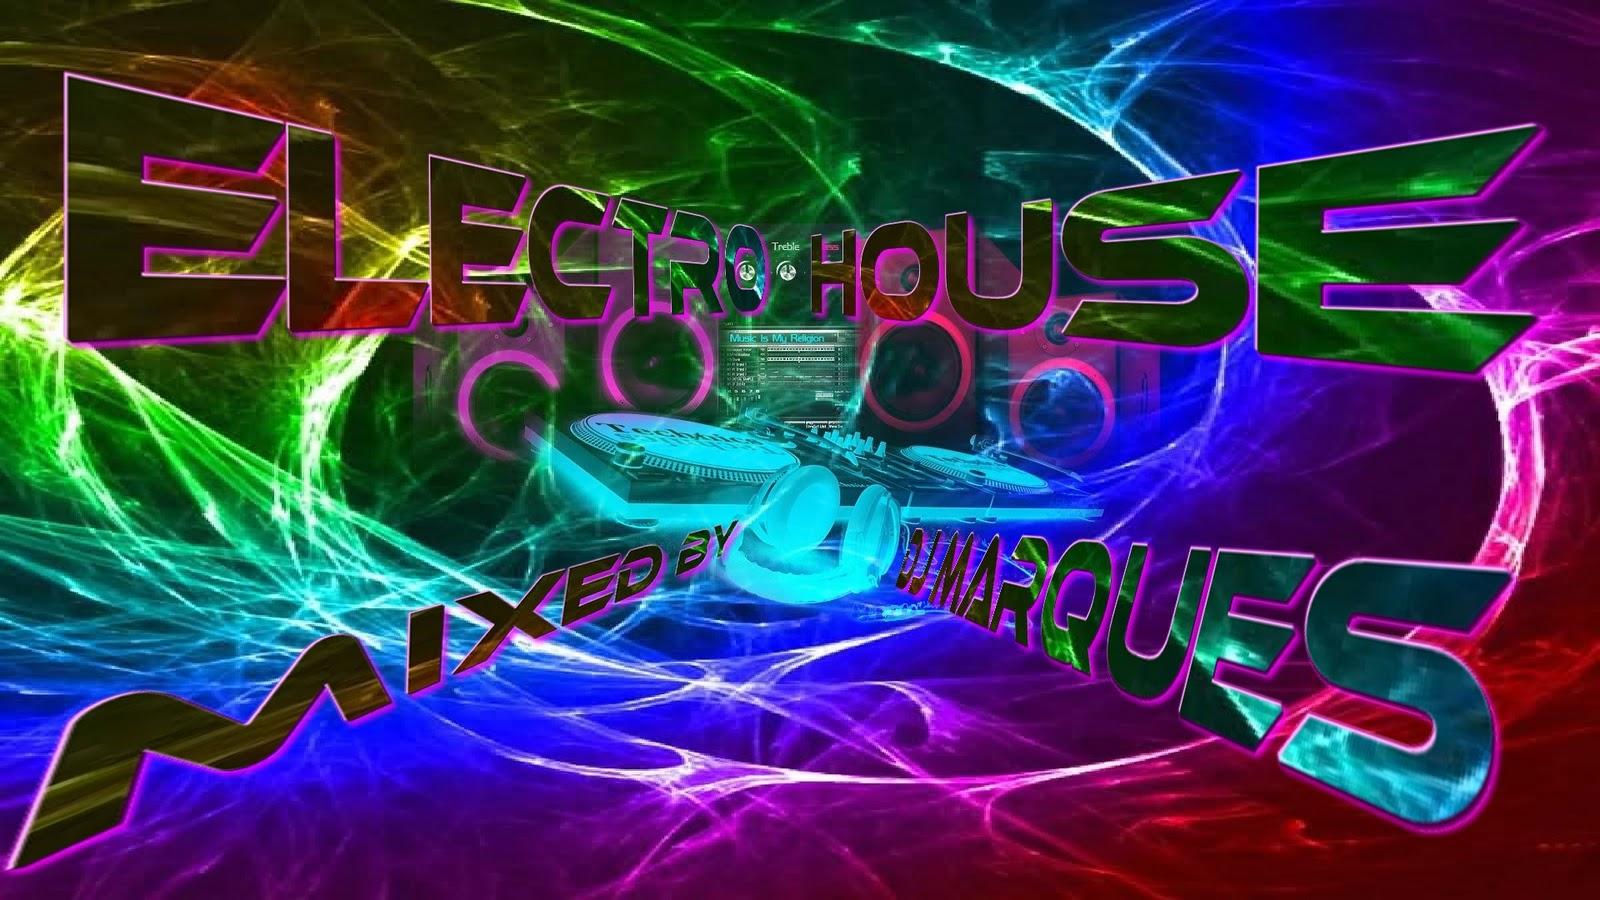 http://2.bp.blogspot.com/_794upLD7Zwg/TTLJ4dBppFI/AAAAAAAAAC0/SQGue7mx7PU/s1600/ELECTRO-HOUSE+VOL+1.jpg